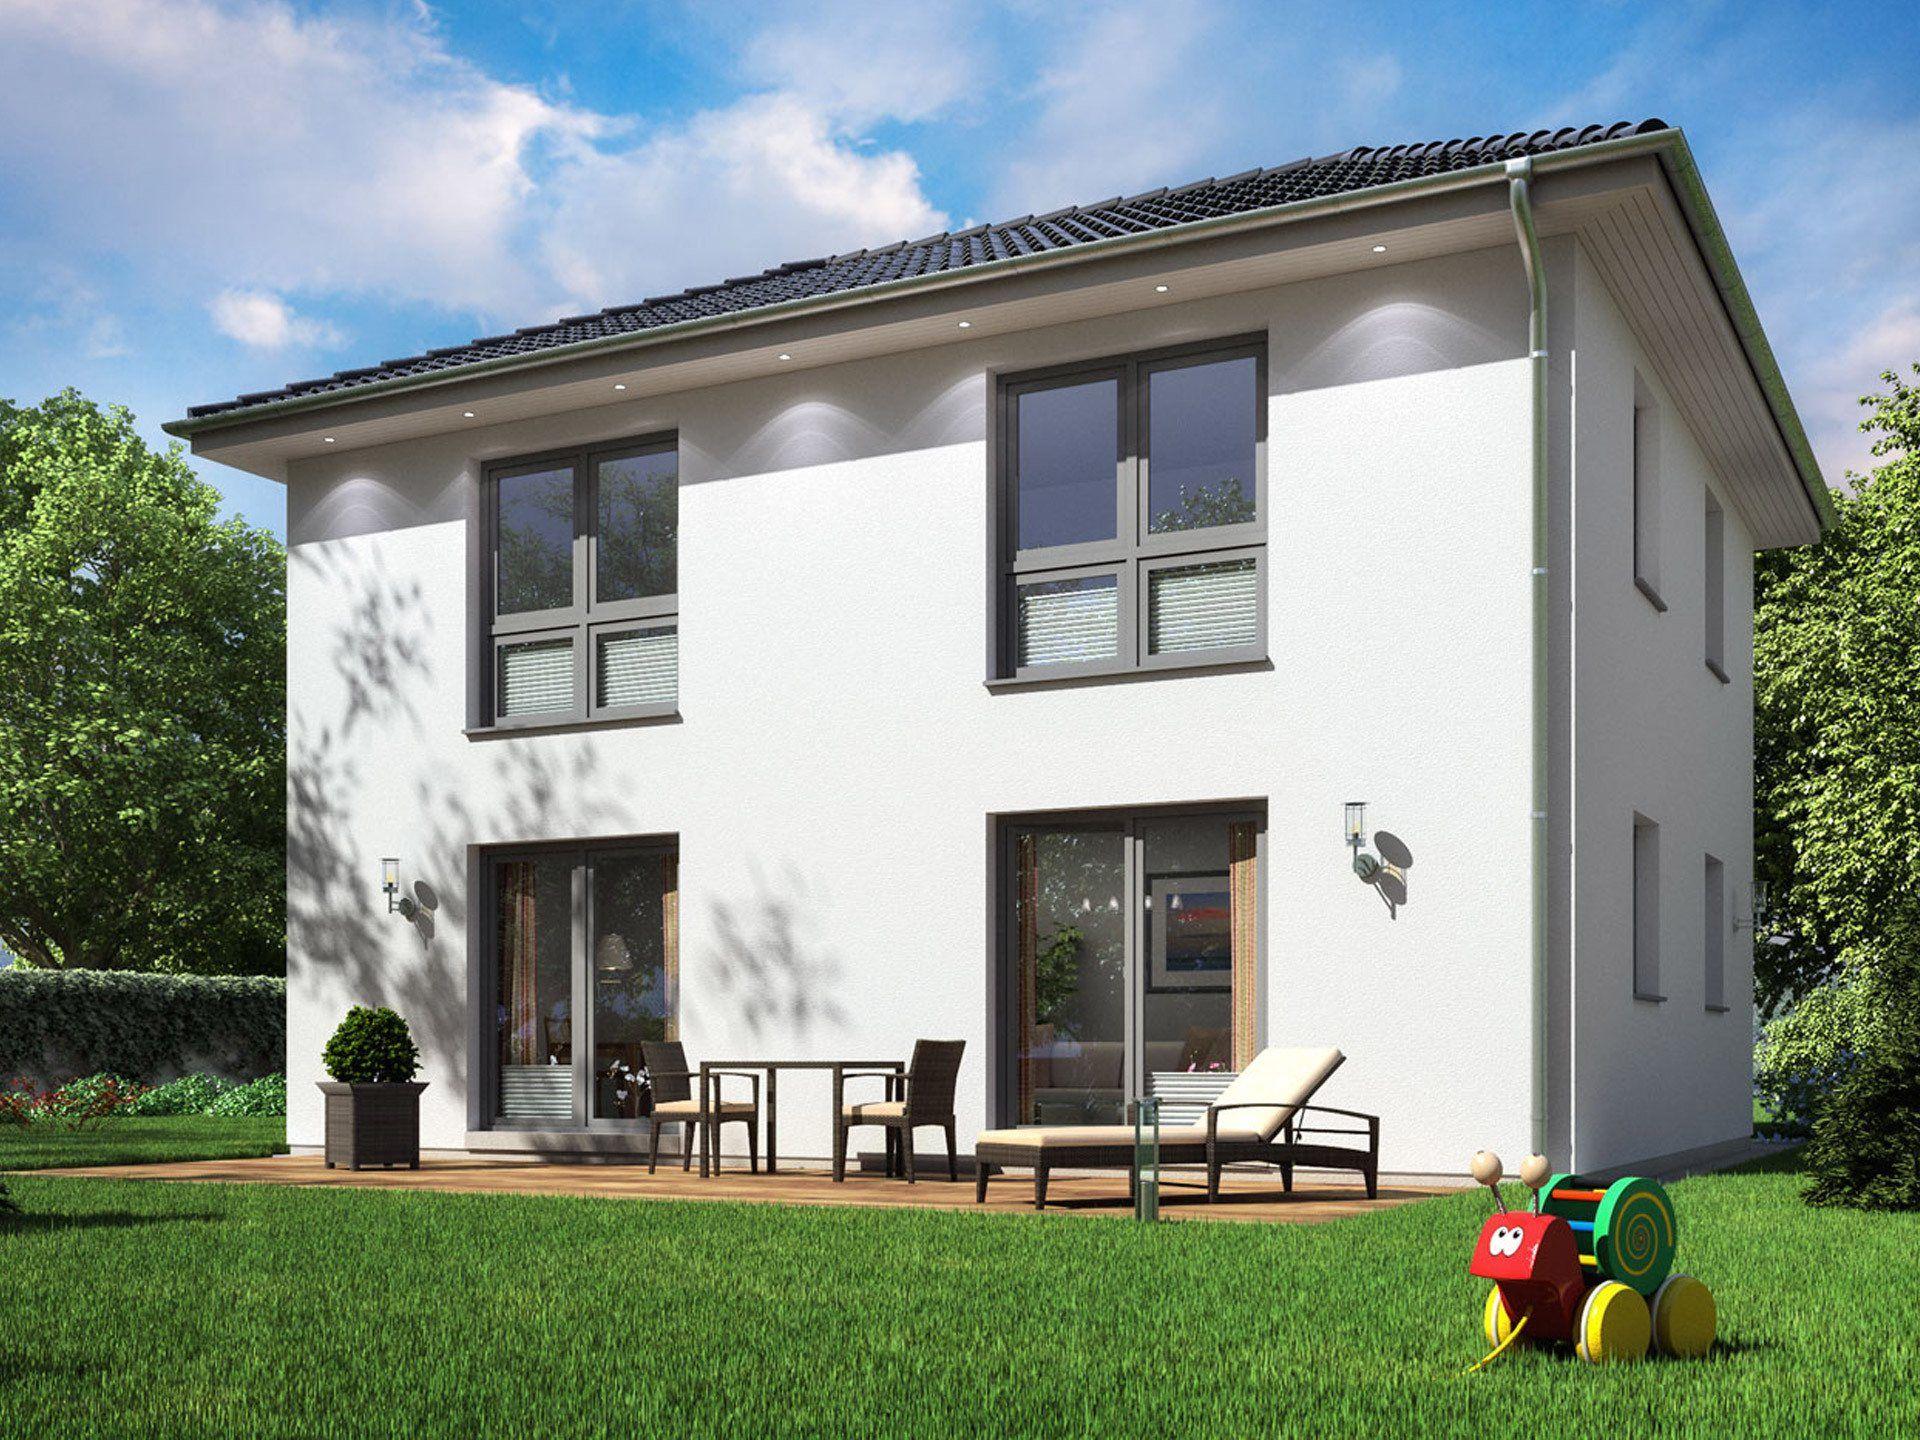 stadtvilla sh 125 s stadtvilla von scanhaus marlow modernes fertighaus mit walmdach und 125. Black Bedroom Furniture Sets. Home Design Ideas